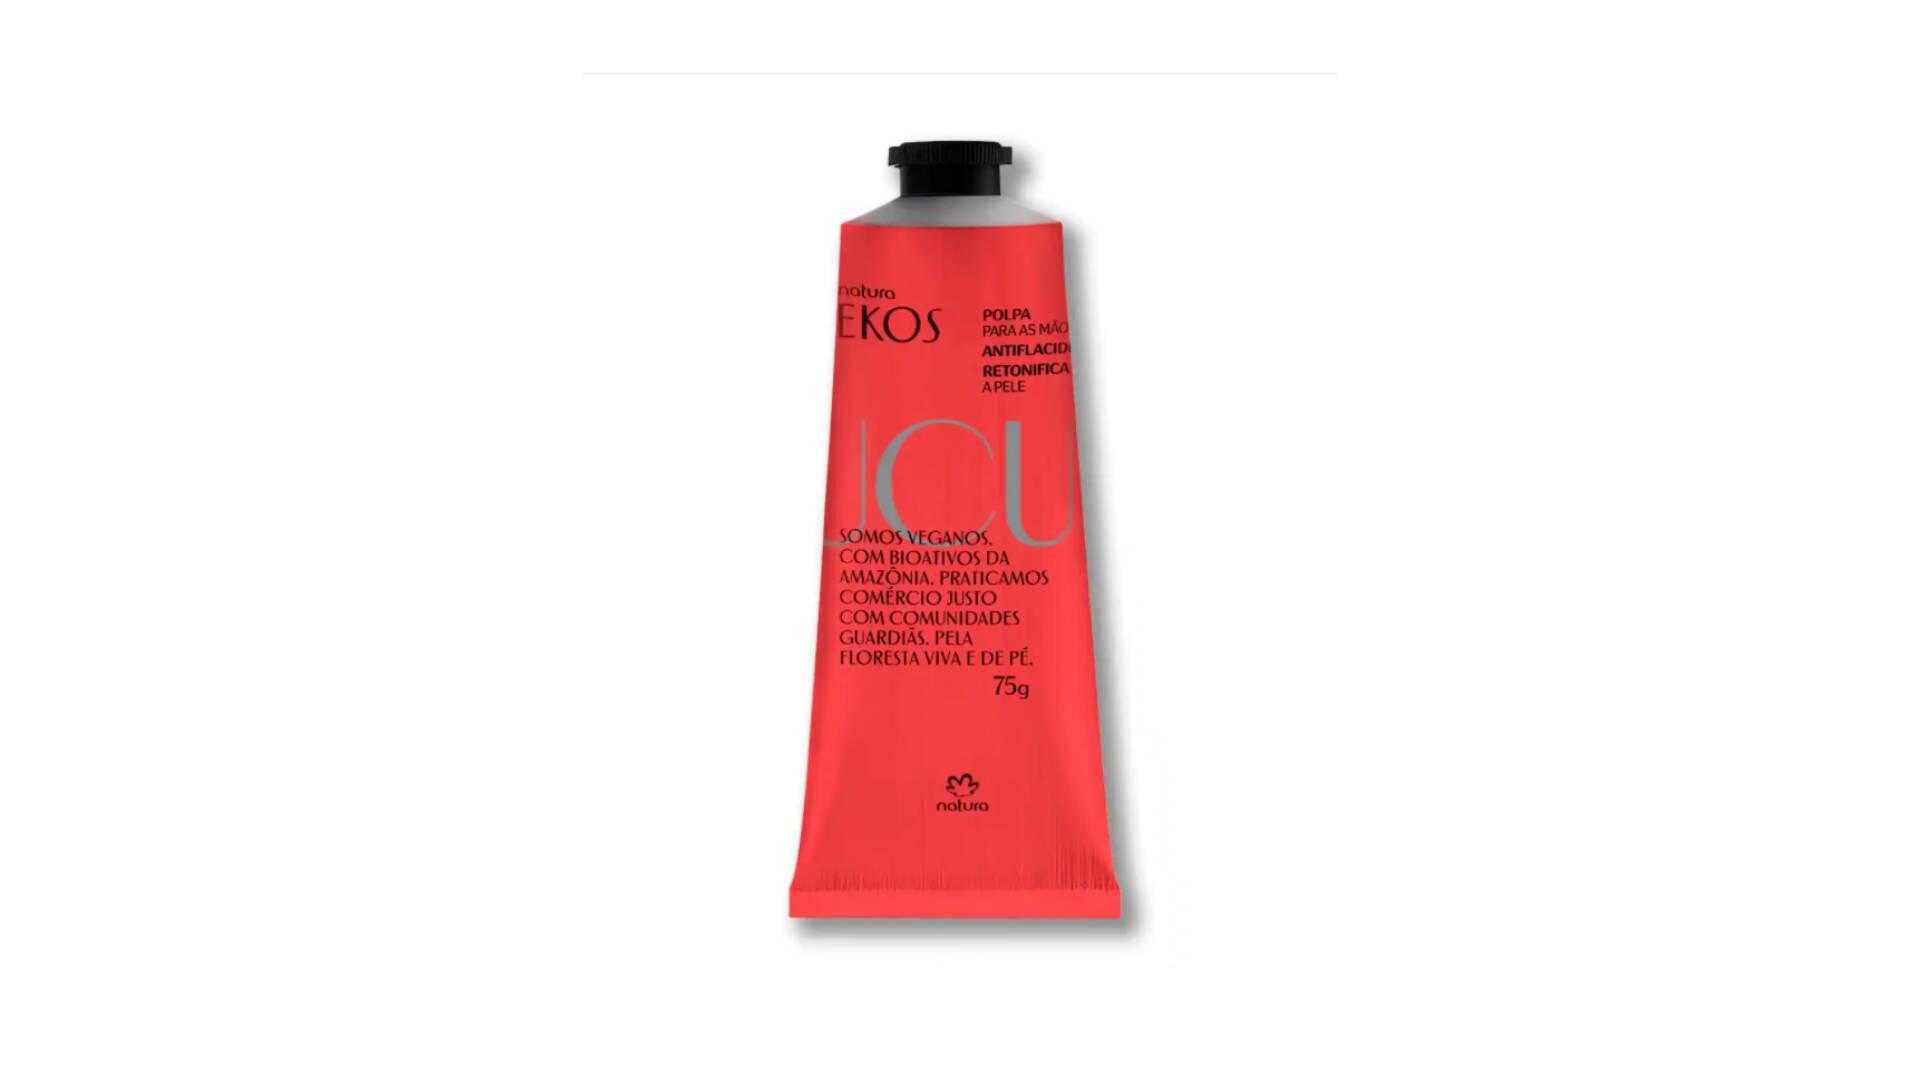 Rica em trimiristina, que estimula a produção de colágeno e elastina. A textura é cremosa, de rápida absorção e toque seco. R$ 26,90. Foto: Divulgação